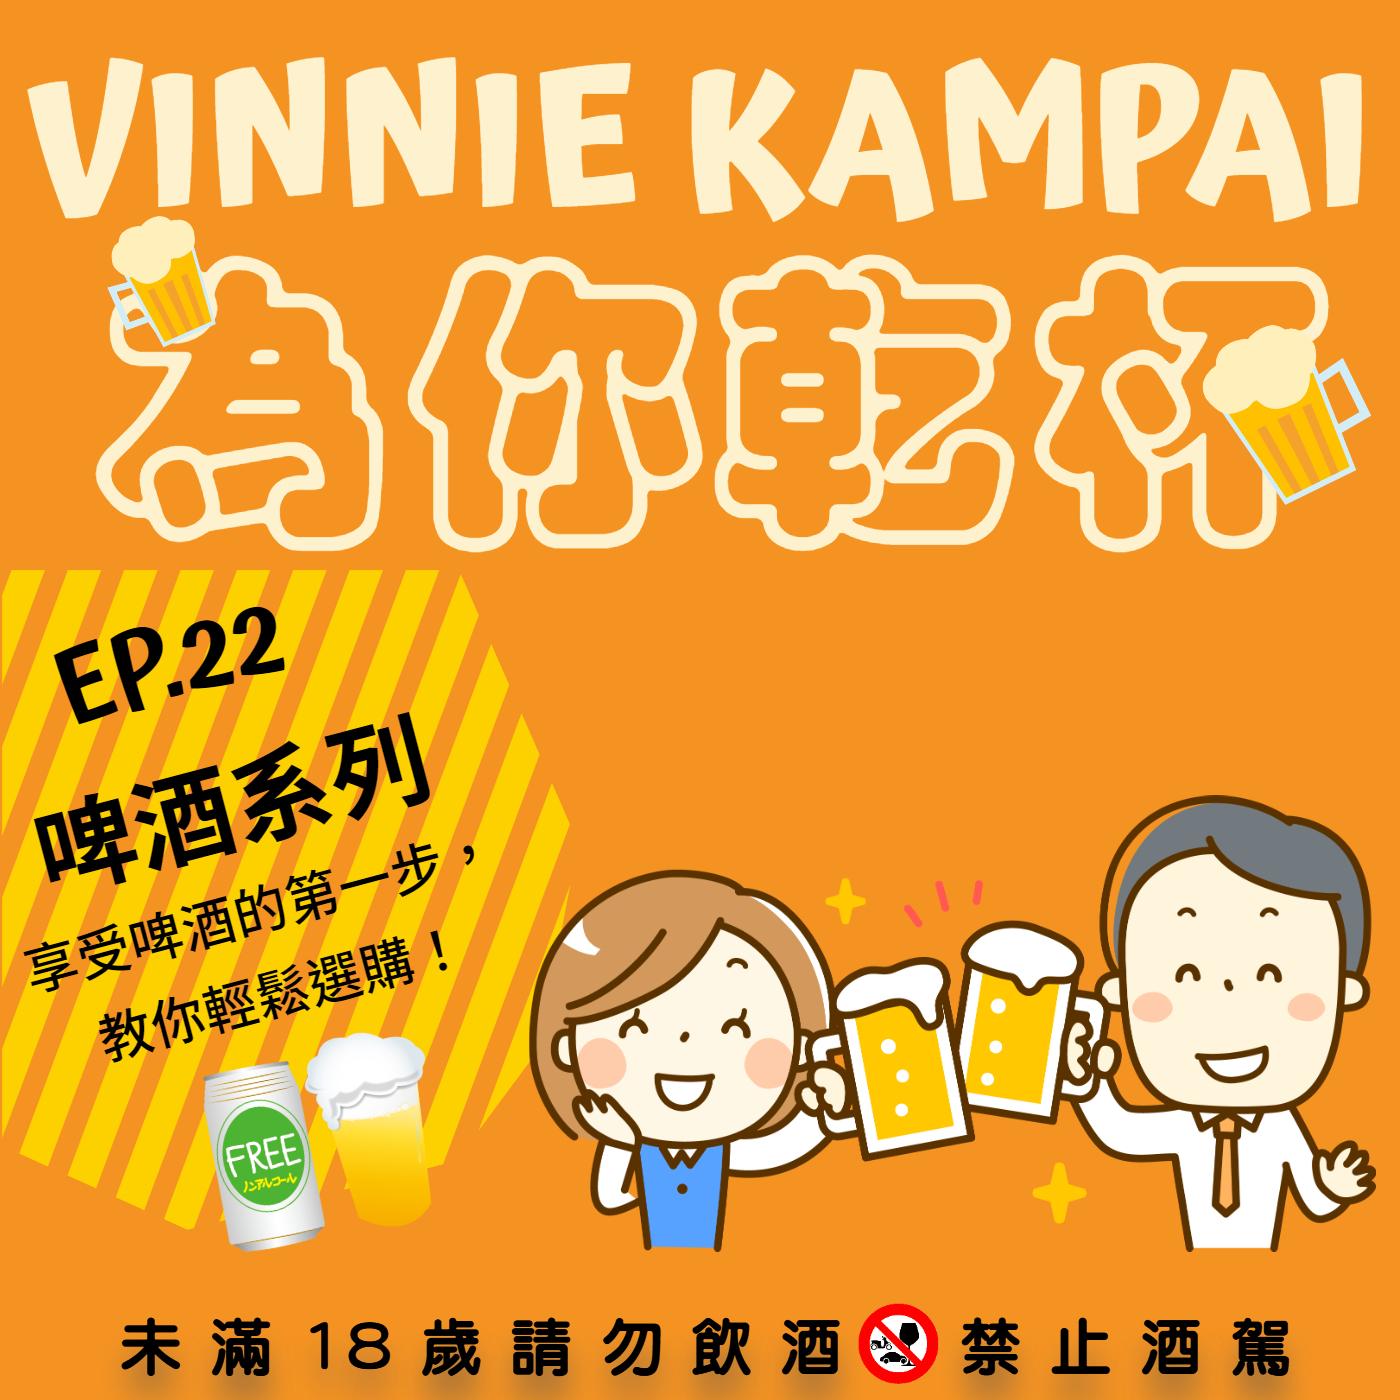 EP.22 啤酒系列│享受啤酒的第一步!教你輕鬆選購│八方